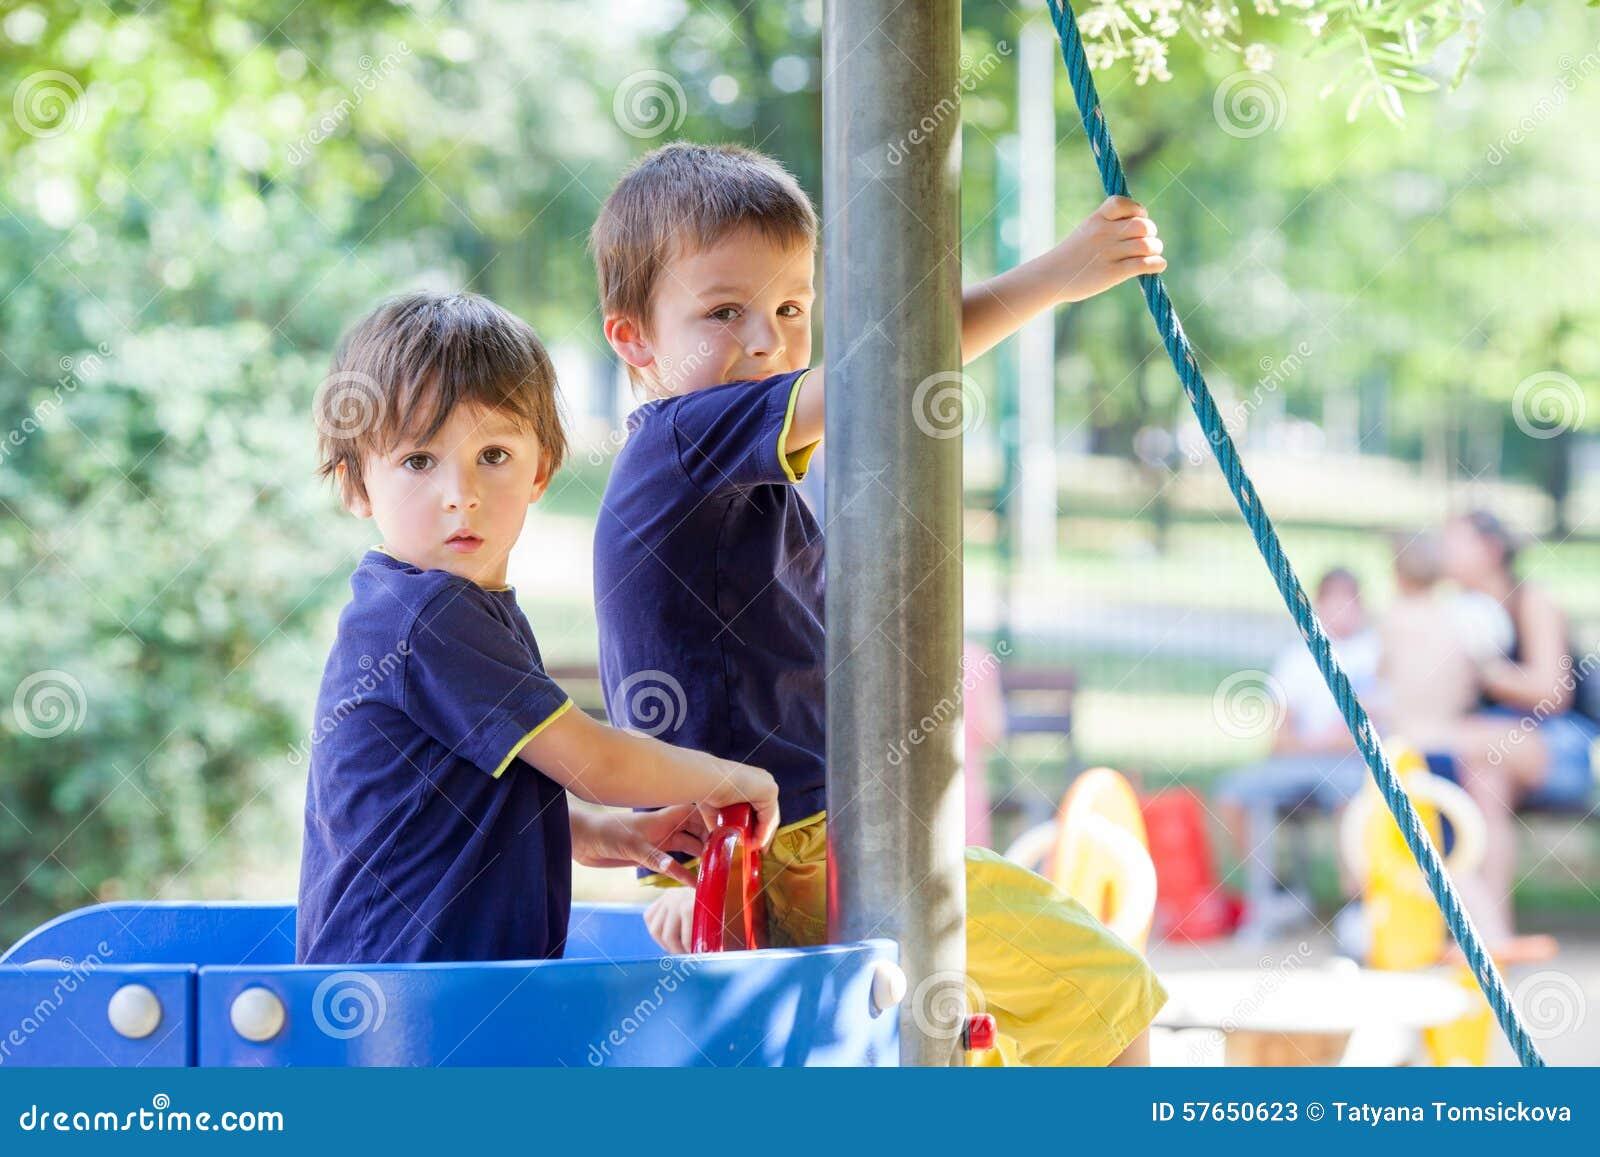 Zwei süße Jungen, Brüder, spielend in einem Boot auf dem Spielplatz